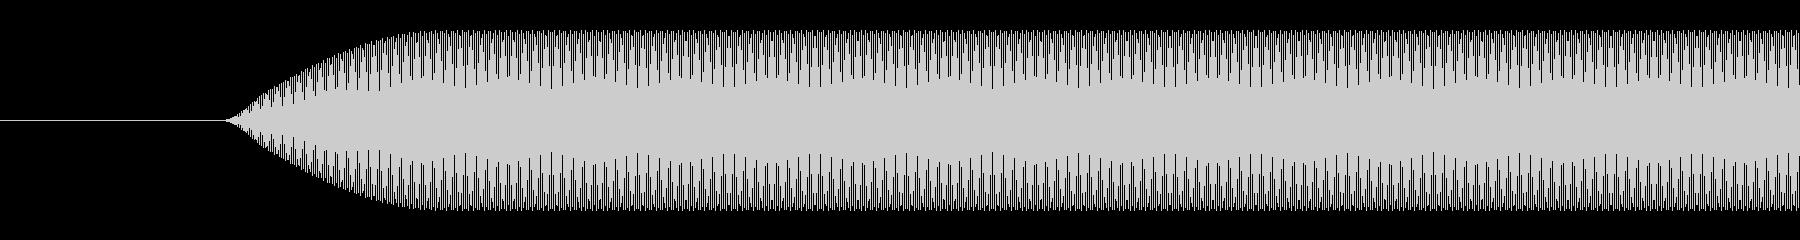 ビープ音-短いの未再生の波形